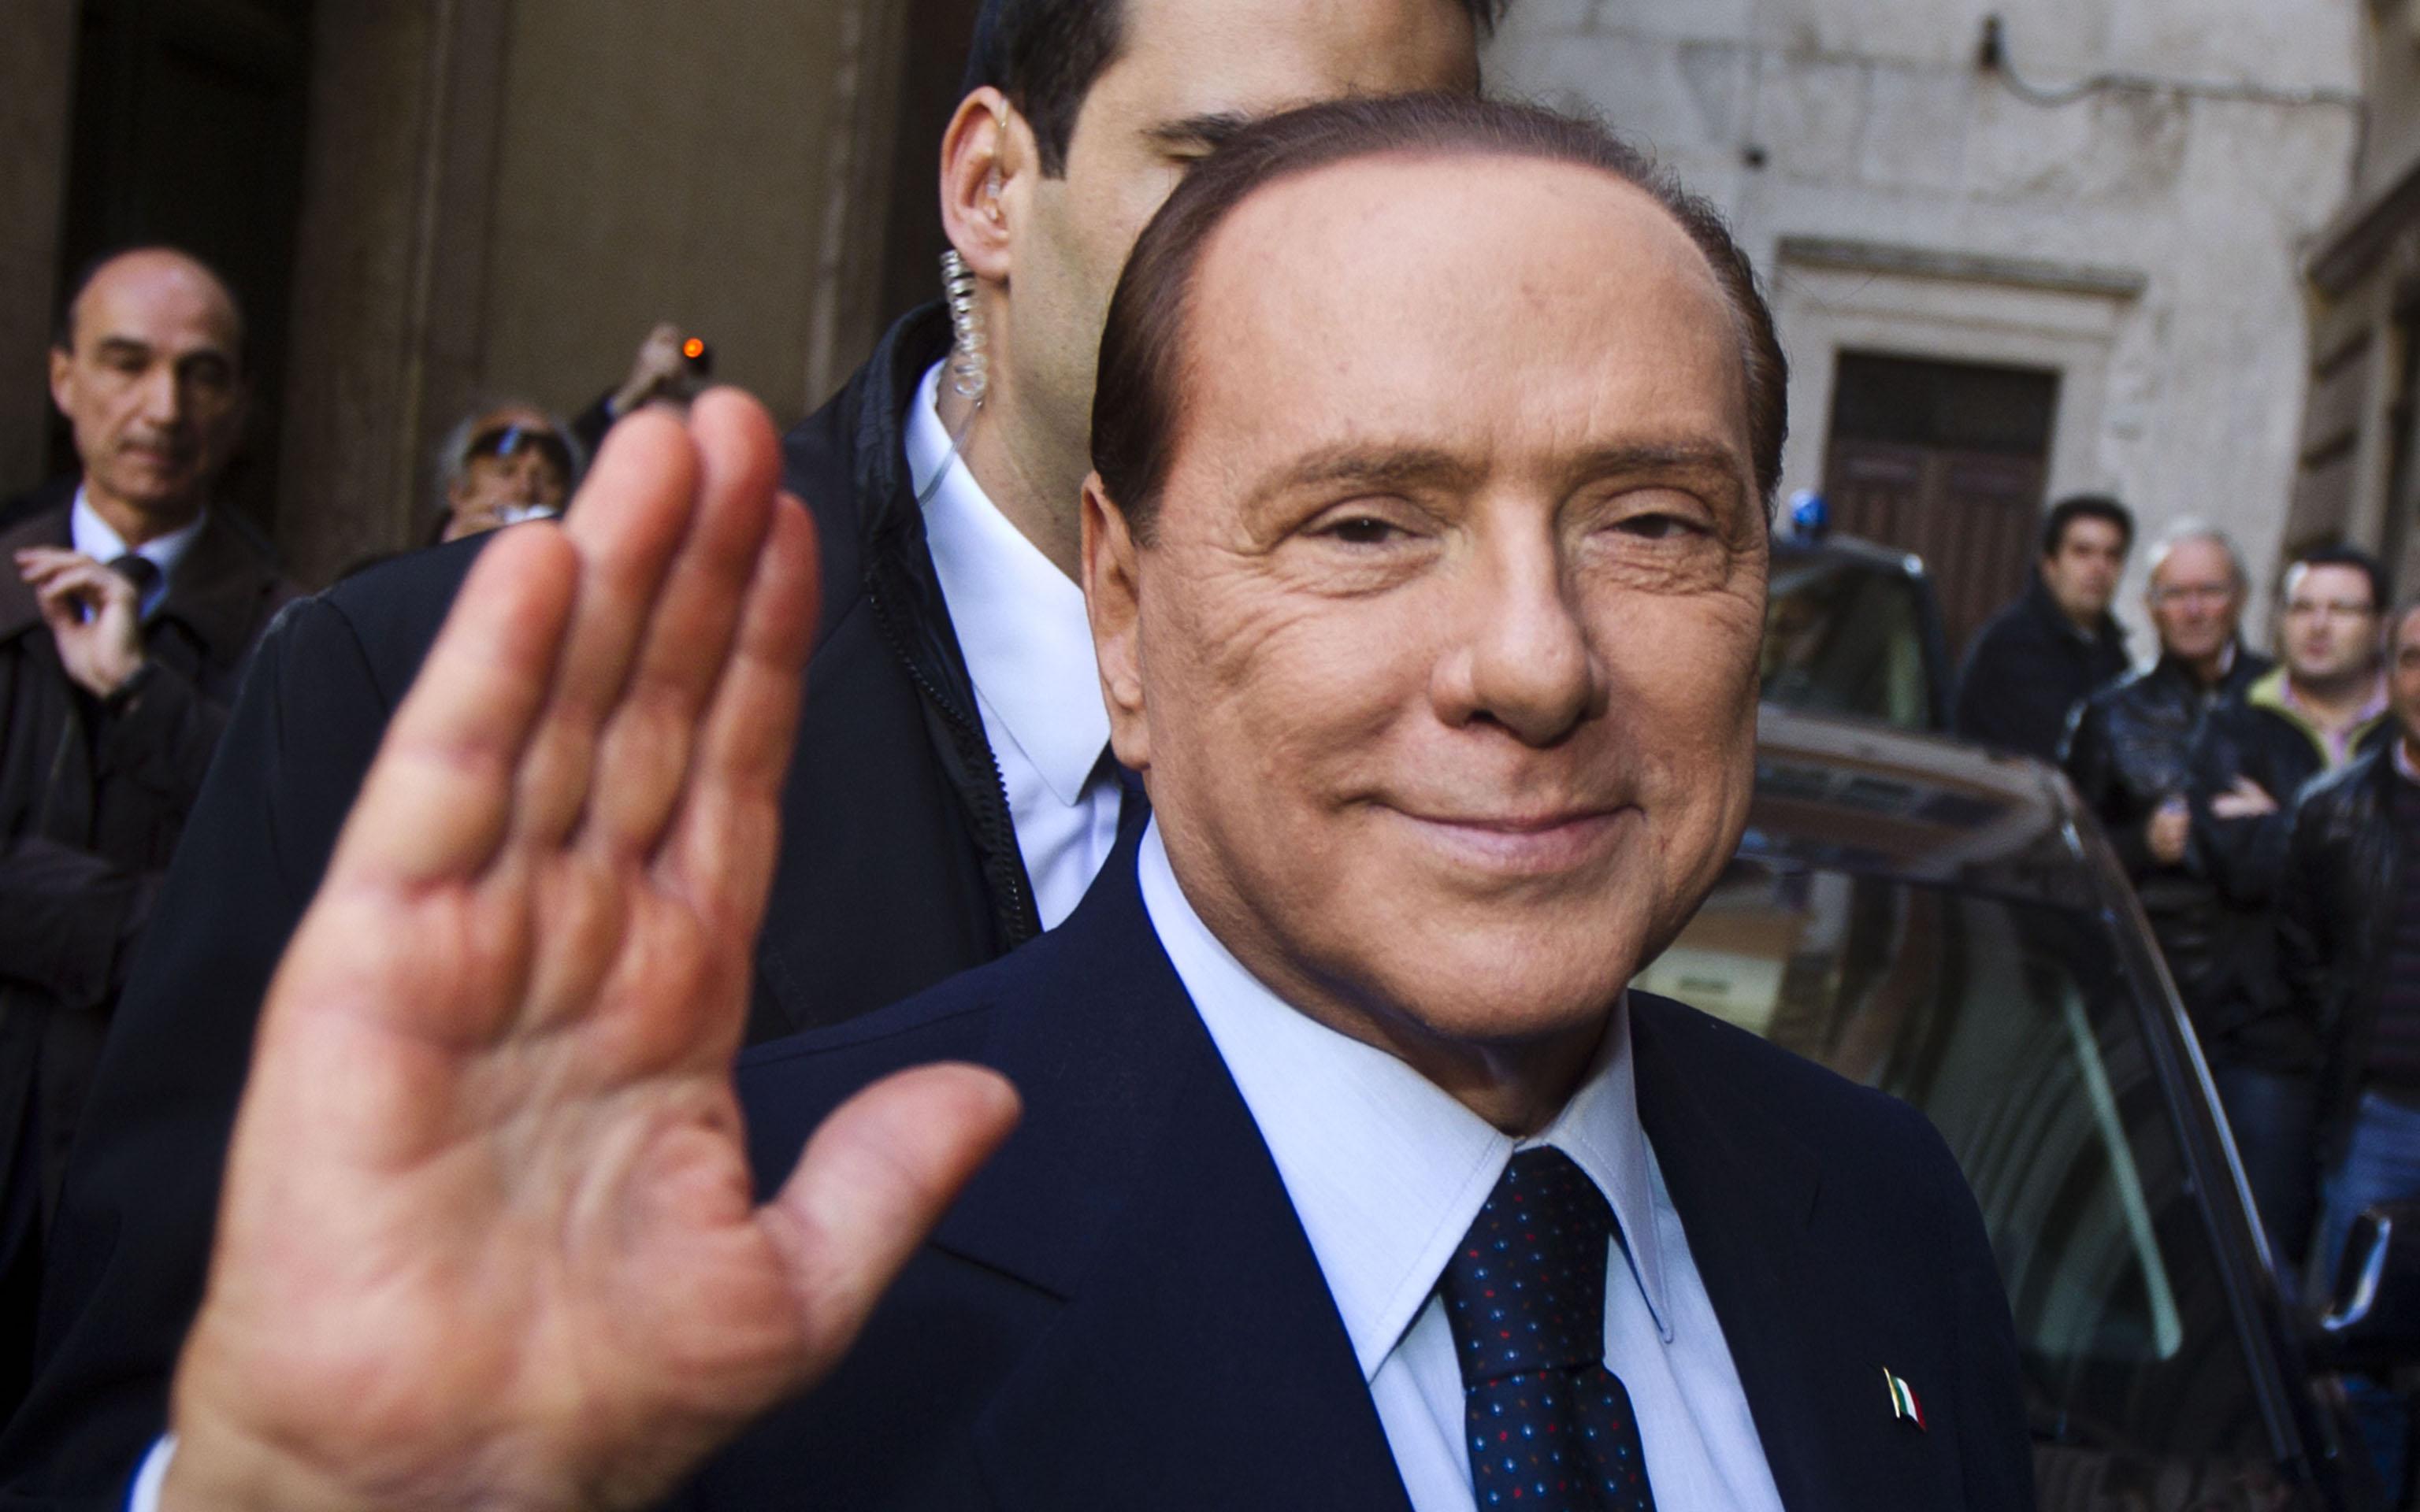 Silvio Berlusconi in una foto d'archivio. ''Non ho mai avuto dubbi. Noi siamo, sommando il debito pubblico alla finanza privata, il secondo Paese piu' solido d'Europa dopo la Germania e prima di Svezia, Francia e Gran Bretagna - ha detto Berlusconi - l'Italia 'e' indebitata ma ha cittadini benestanti. Non dobbiamo quindi essere preoccupati''. ANSA/MASSIMO PERCOSSI